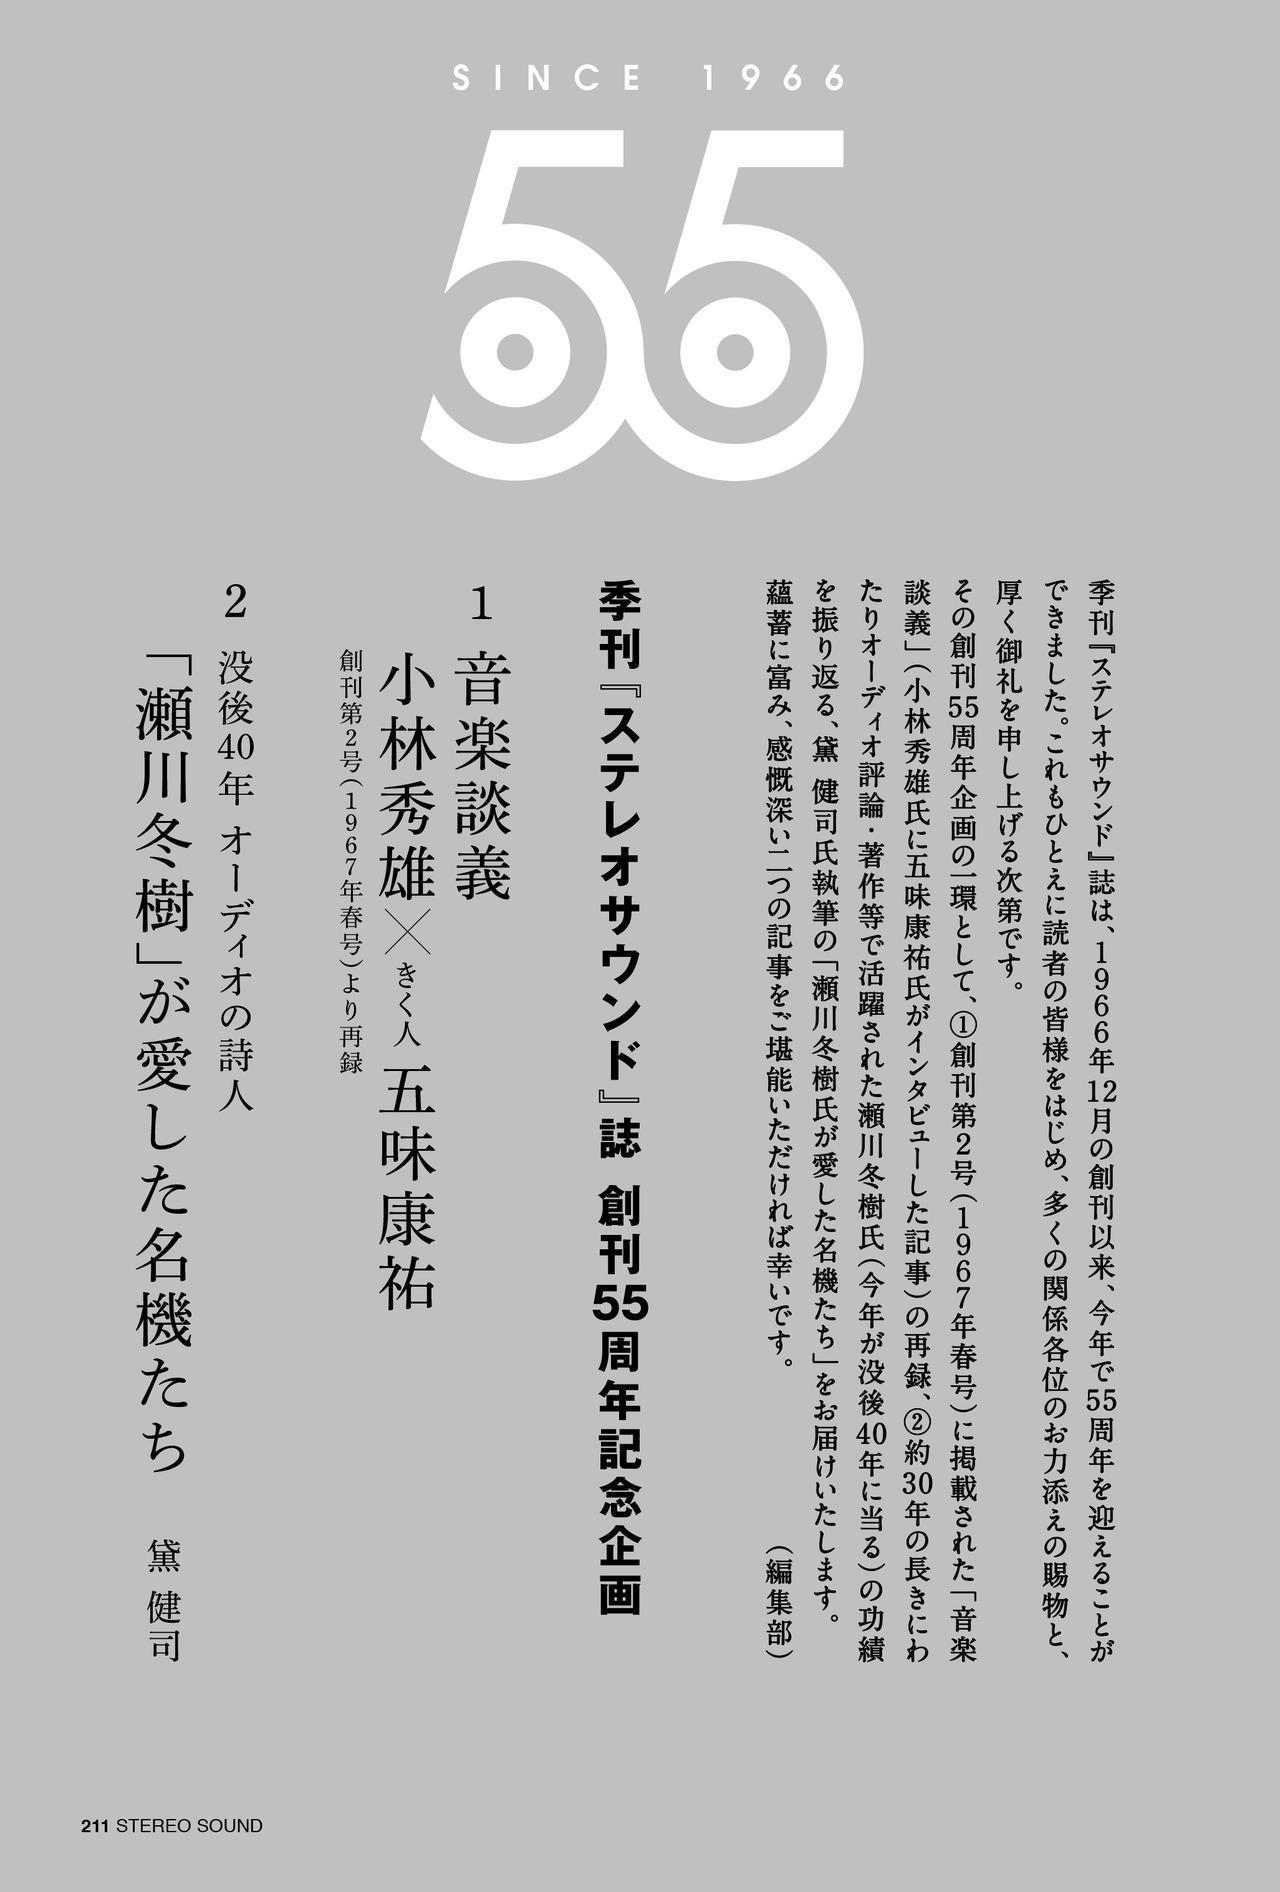 画像2: 『ステレオサウンド』No.220は9月2日発売! 巻頭エッセイ「だからオーディオはやめられない」、特集「モンスターパワーアンプ」